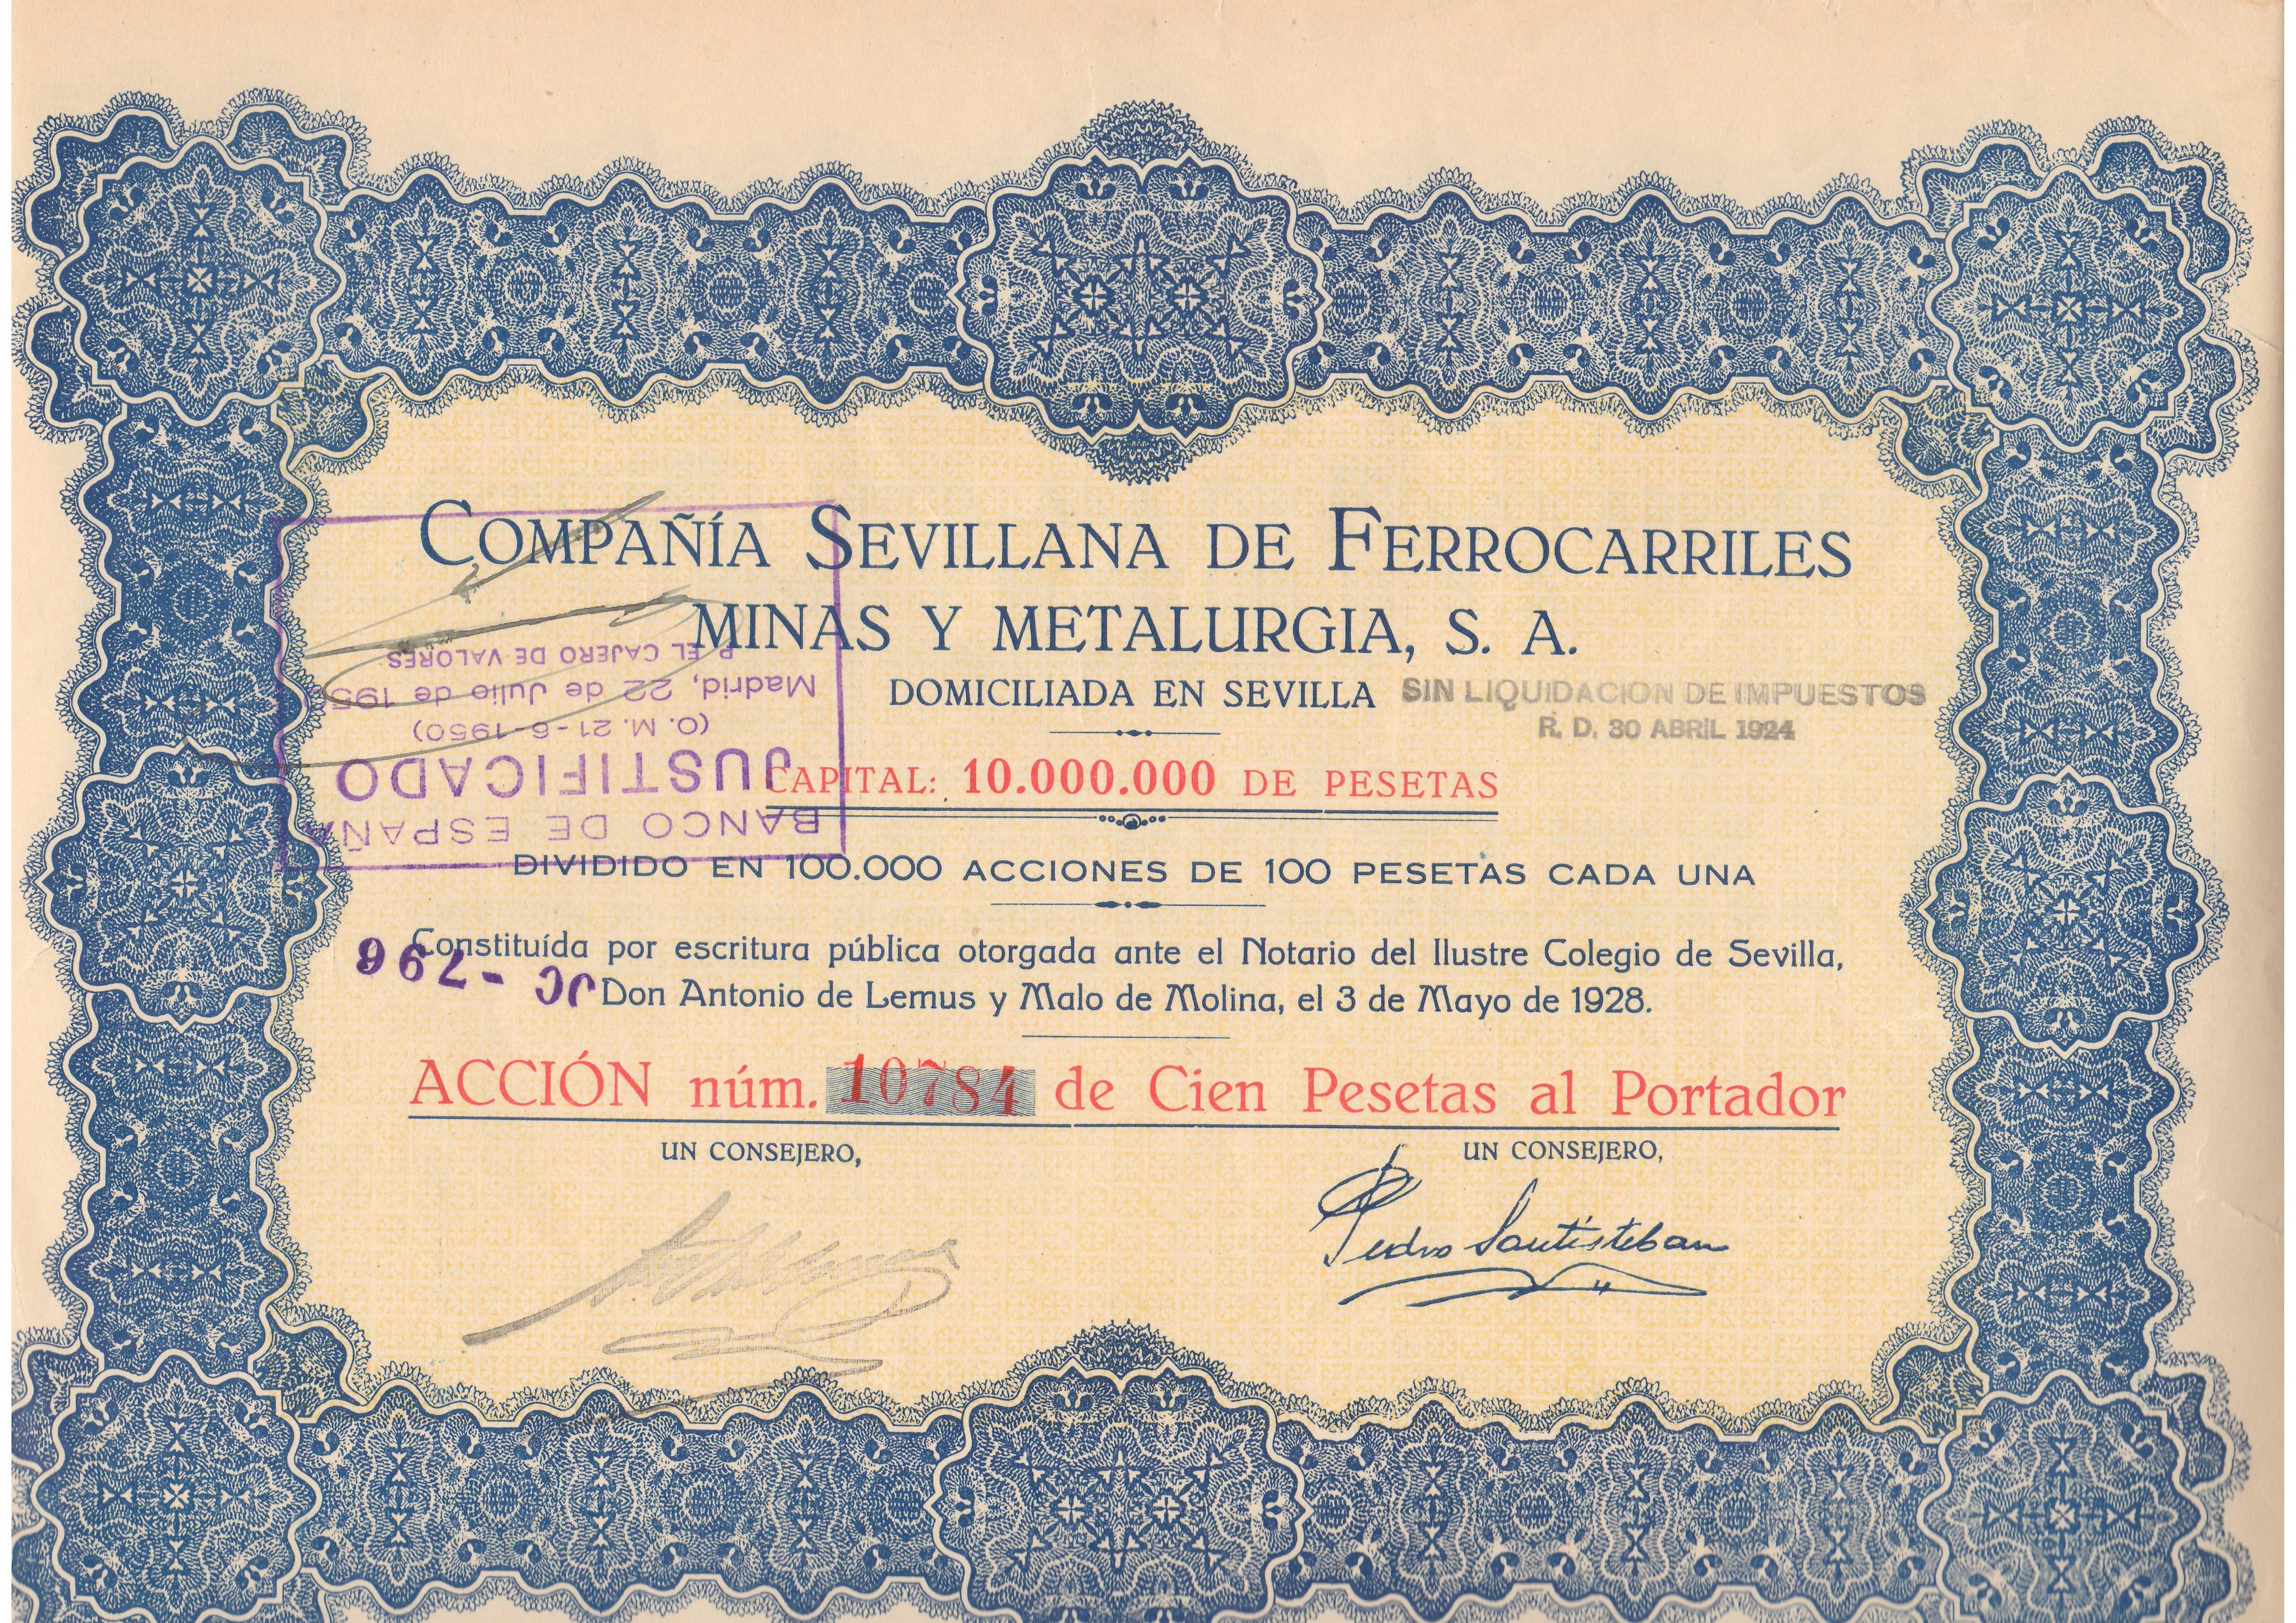 Compañía Sevillana de Ferrocarriles Minas y Metalurgia